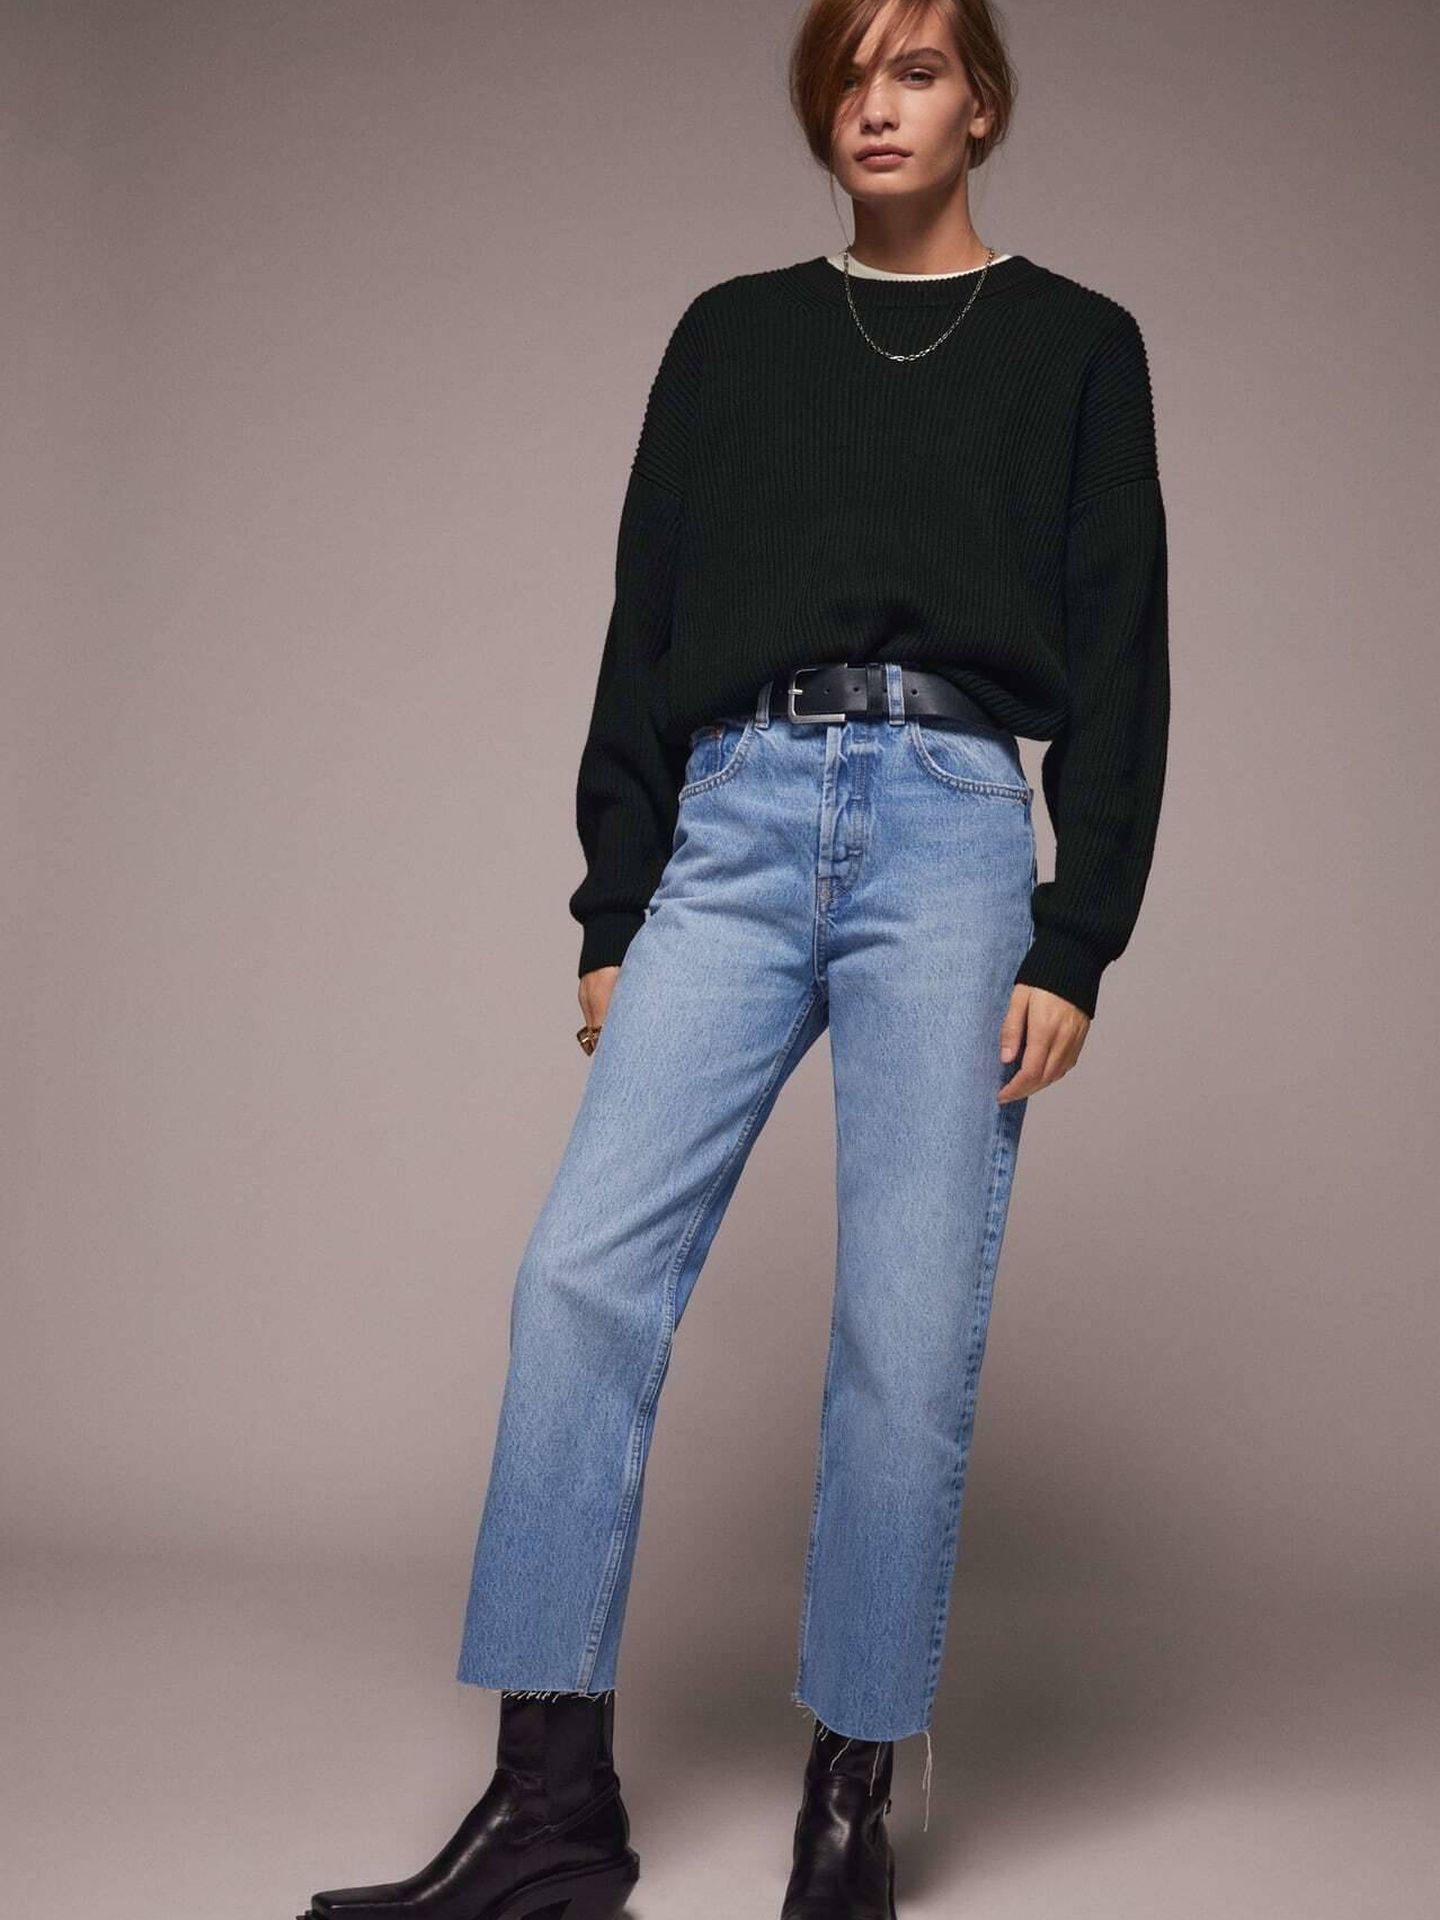 Jeans de Zara. (Cortesía)